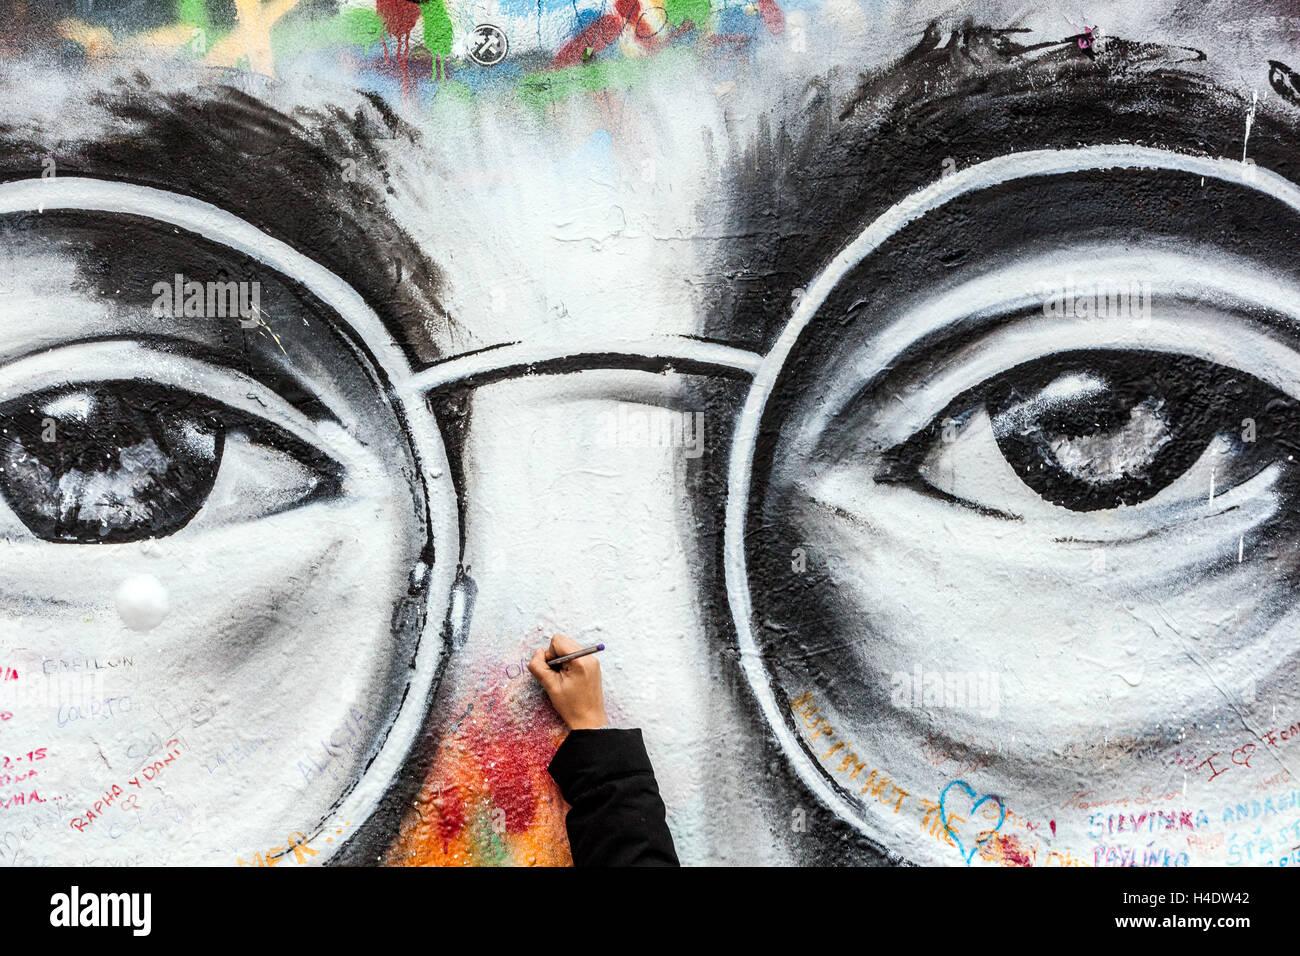 John Lennon Glasses Stockfotos & John Lennon Glasses Bilder - Alamy